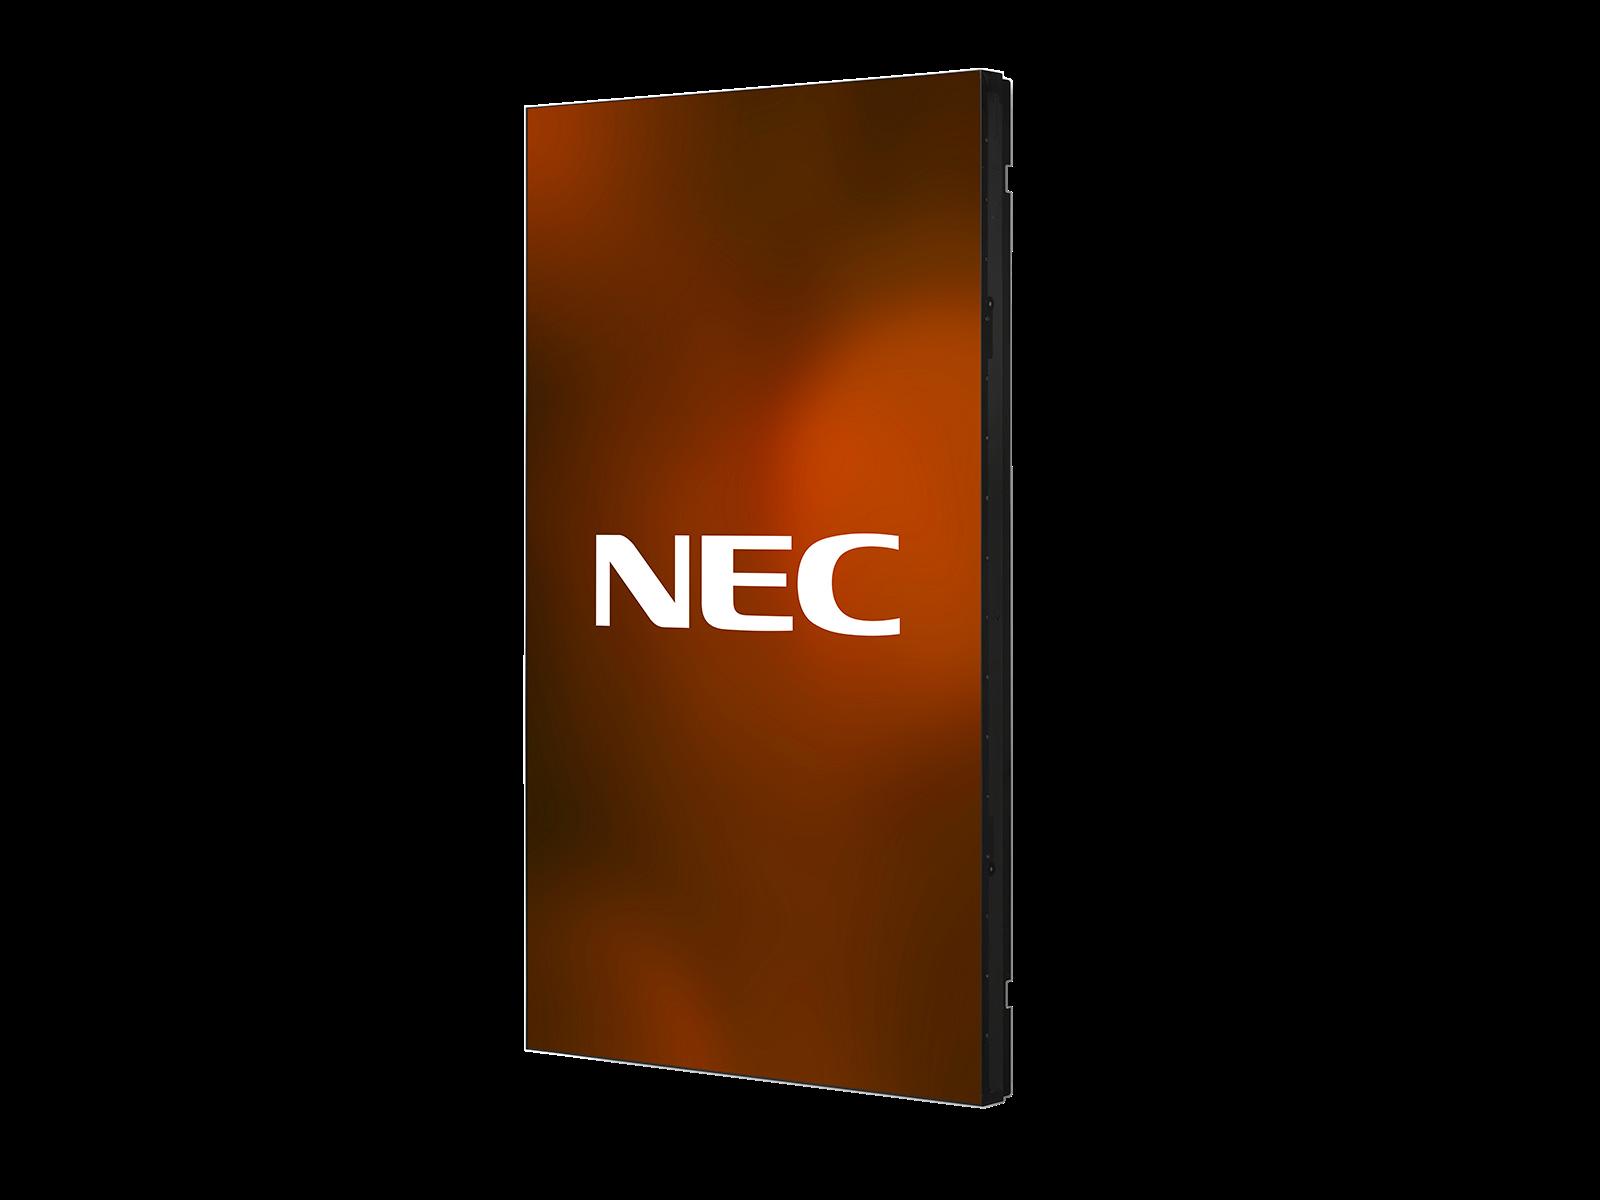 NEC_UN462A_Lt_Port_content-logo_1600x1200-4